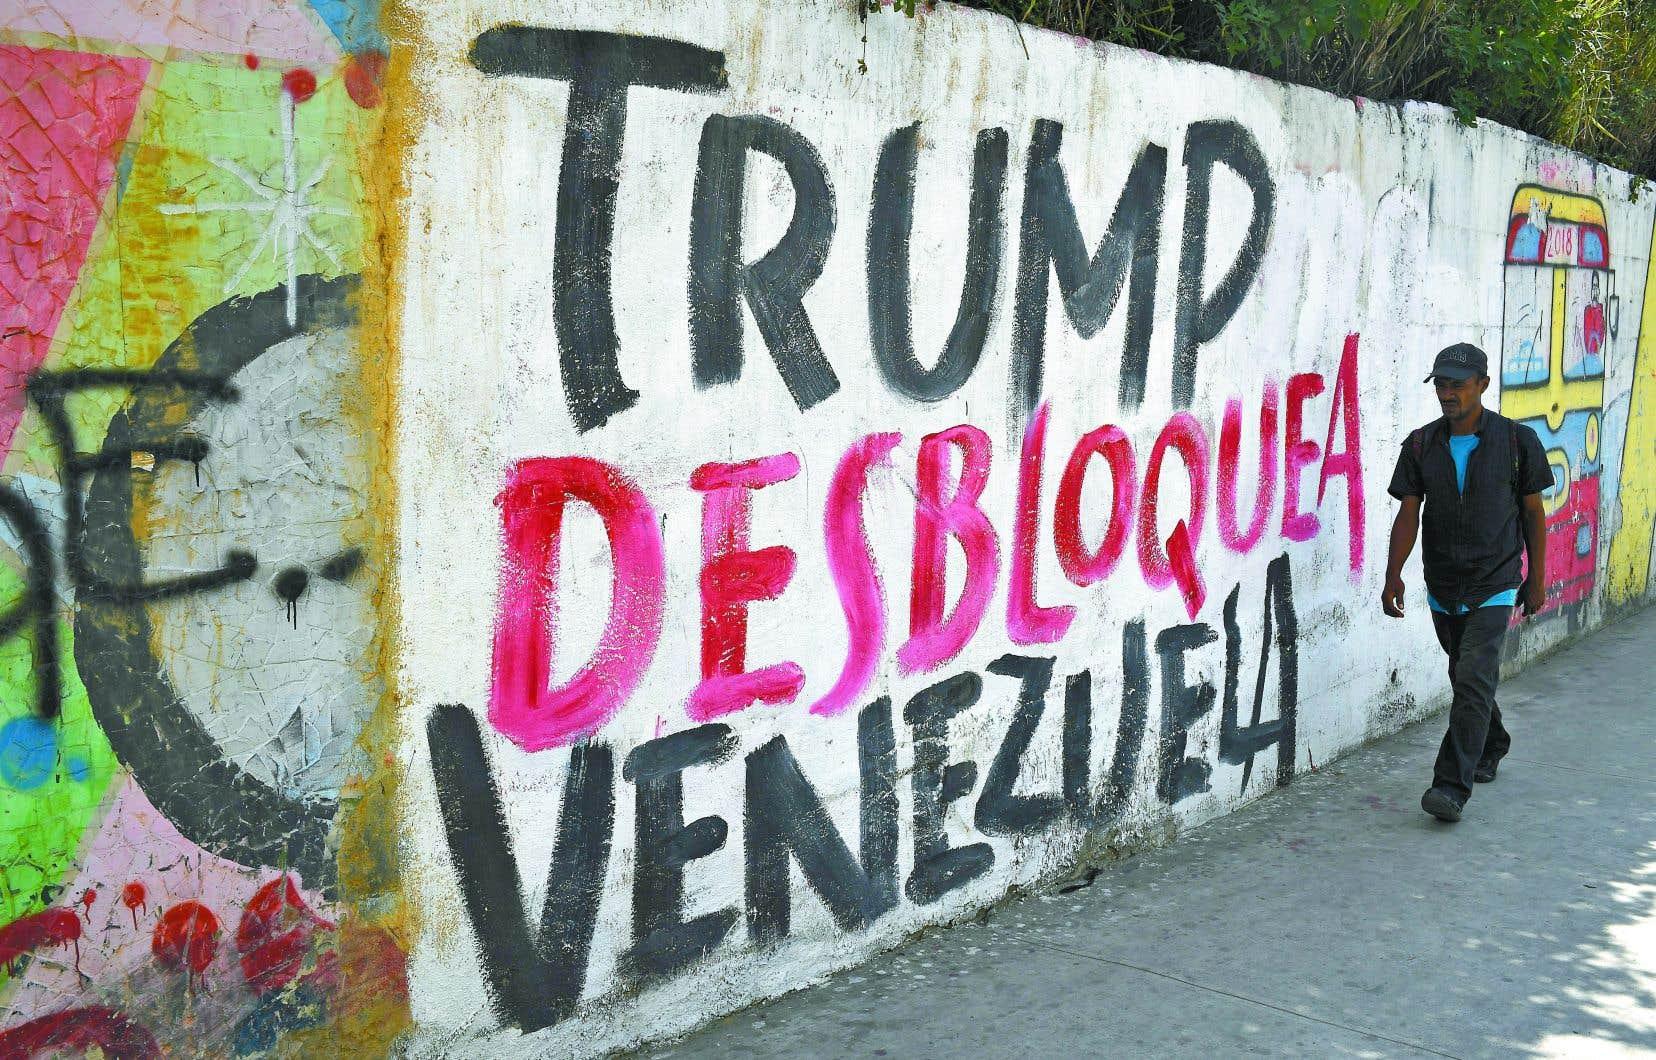 Le gouvernement de Donald Trump a fait du «régime Maduro» sa principale bête noire en Amérique latine. Celui-ci vient d'ailleurs d'être inculpé pour «narcoterrorisme» par la justice américaine et une prime de 15 millions de dollars a été promise pour son arrestation.